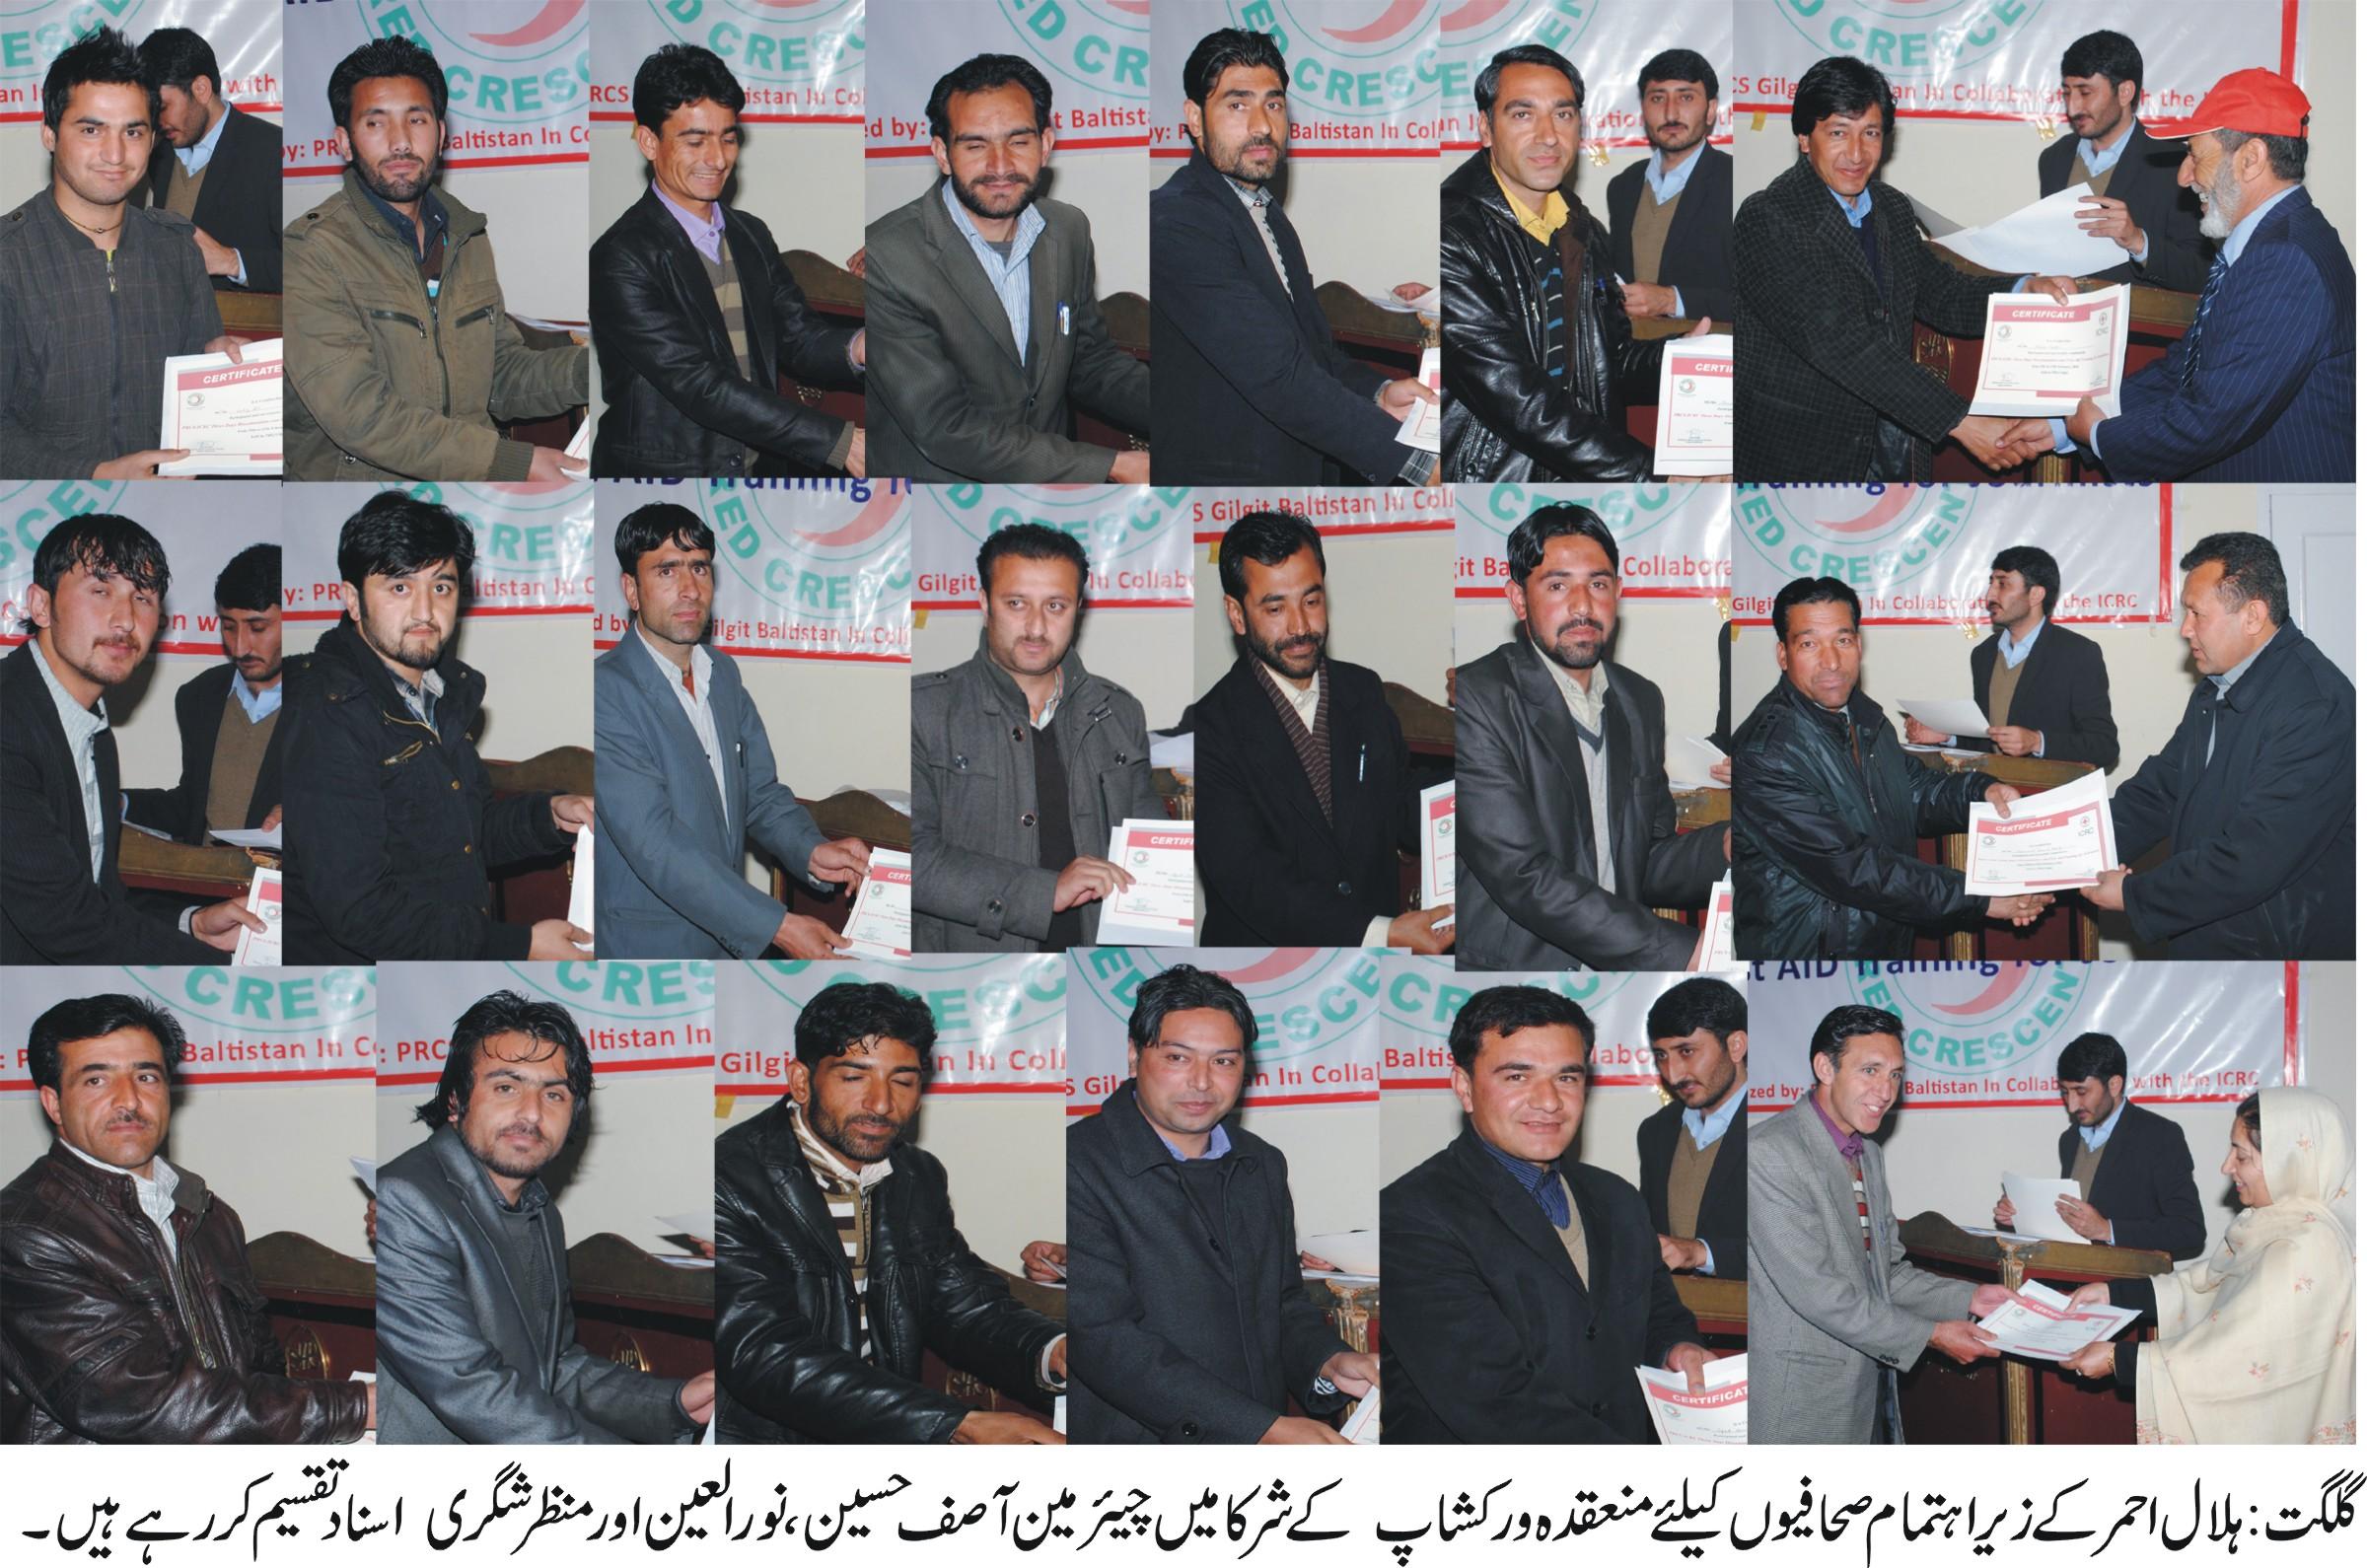 ہلال احمر گلگت بلتستان کے زیر اہتمام صحافیوں کی سہ روزہ تربیتی ورکشاپ اختتام پزیر